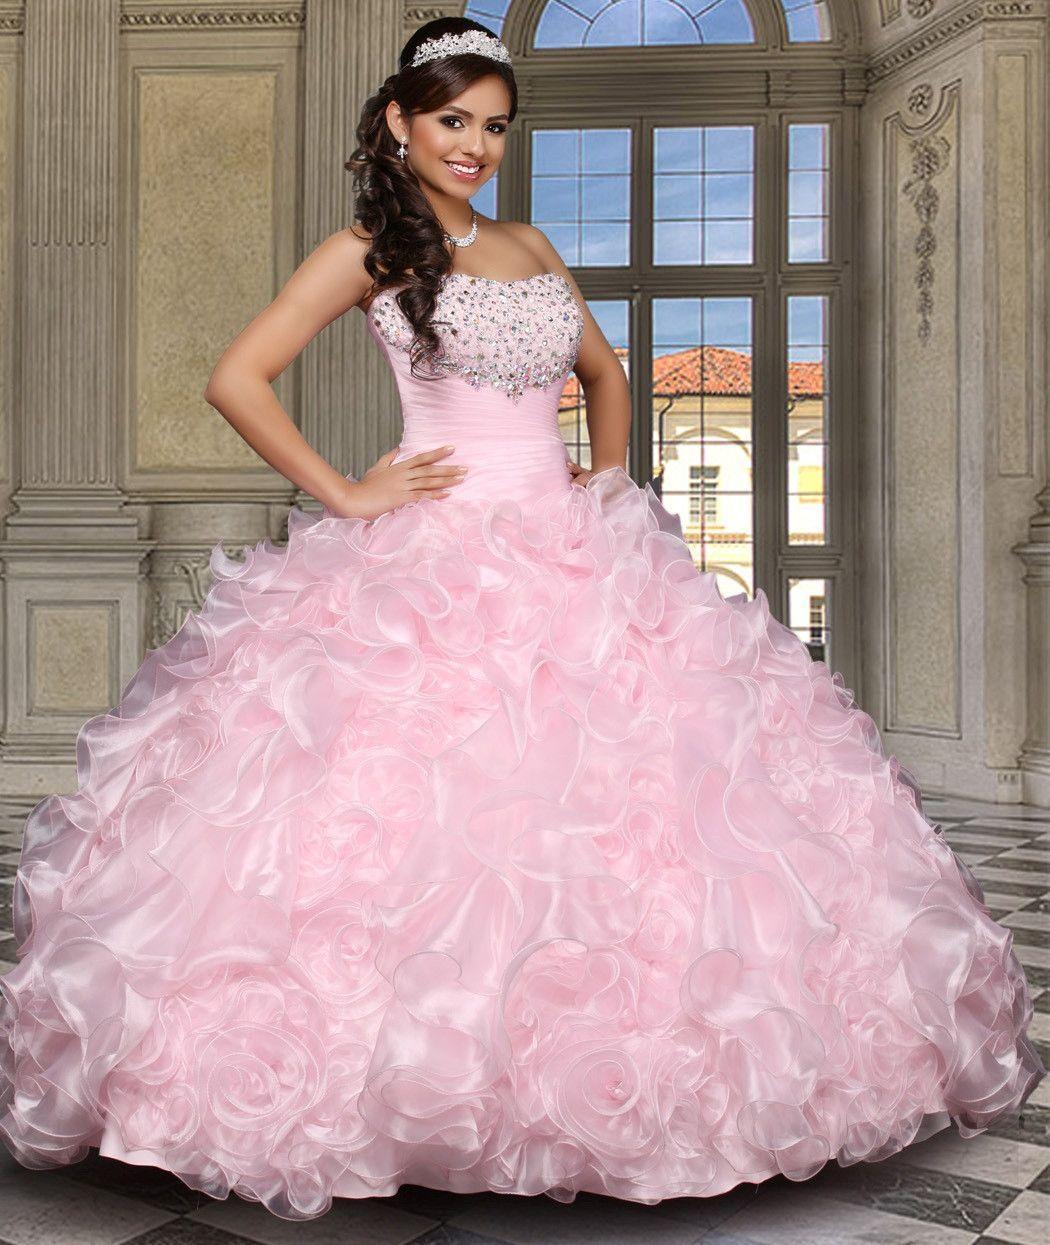 Q by DaVinci Quinceanera Dress Style 80233   Vestiditos, Vestido de ...